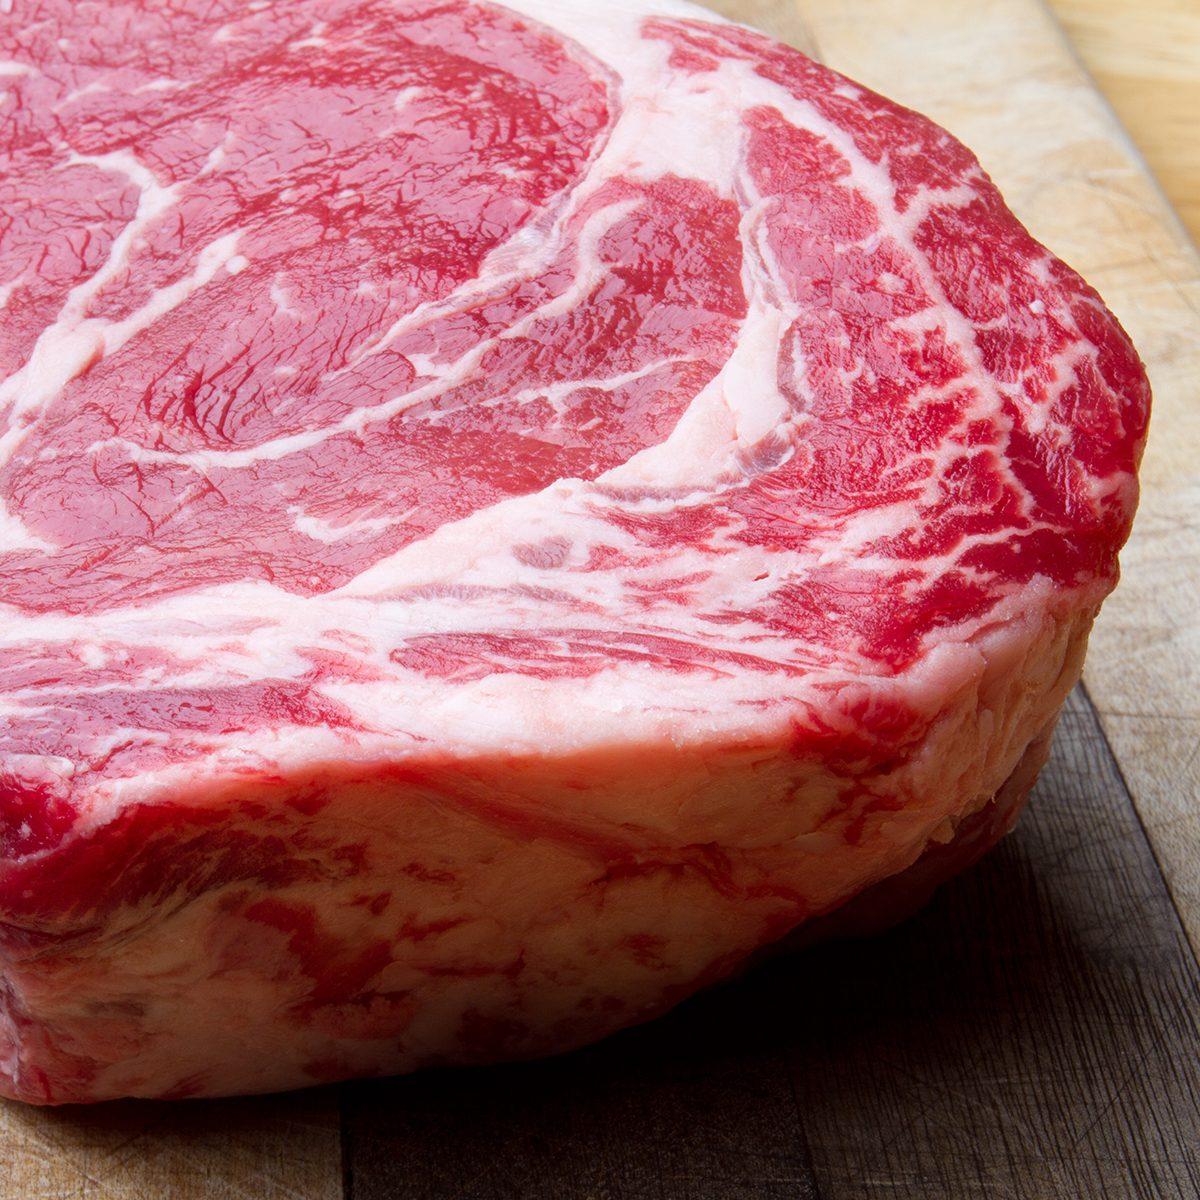 Thick Bone-In Rib Eye Steak on a cutting board